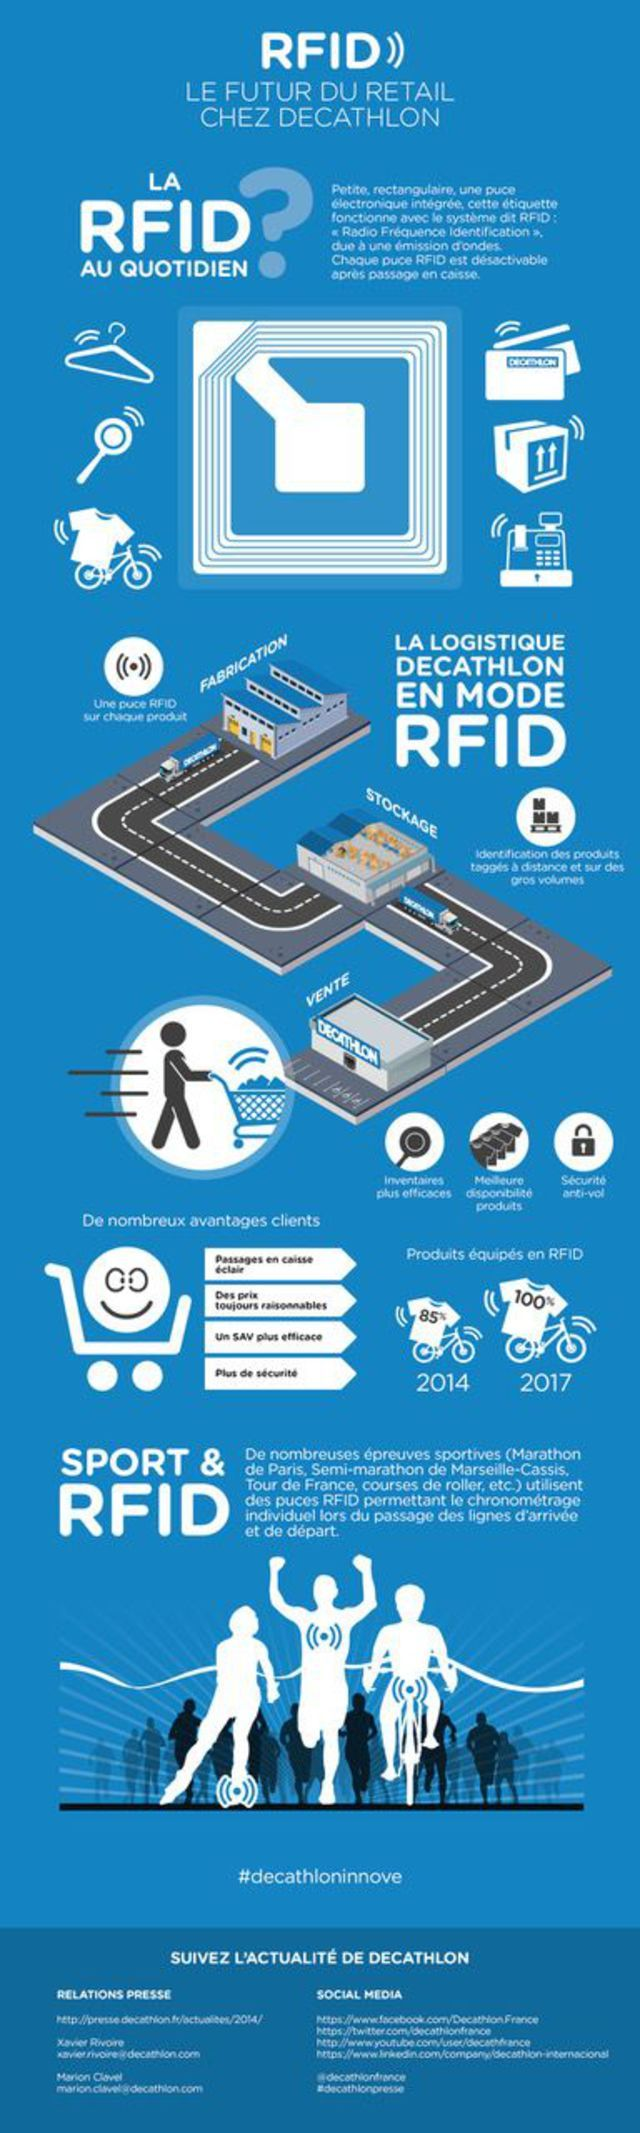 La puce RFID Décathlon est destinée à traiter plus vite stockage et livraison.